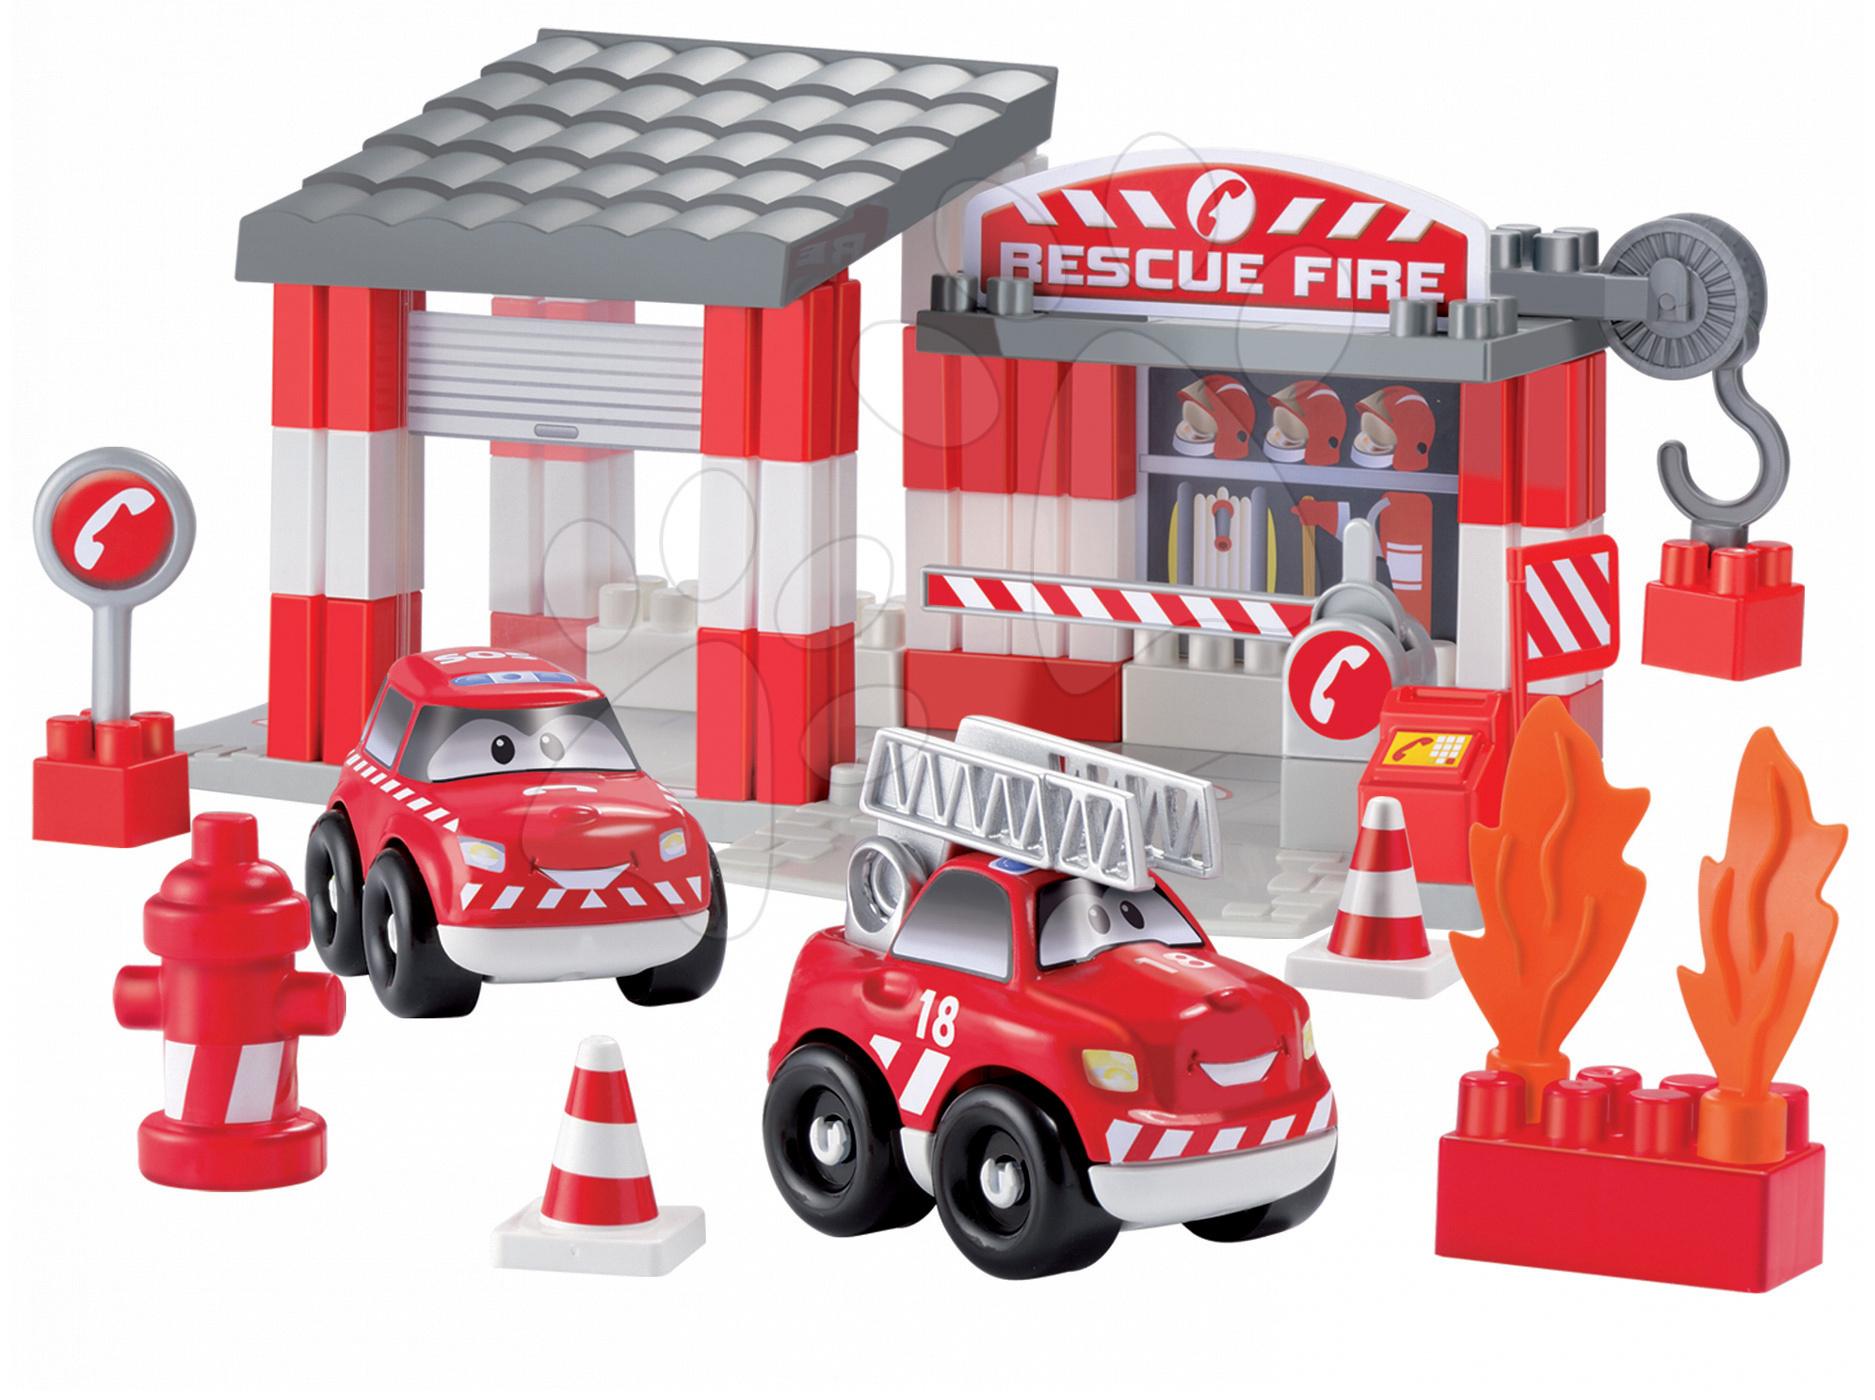 Stavebnice Abrick - požární stanice Écoiffier s 2 auty 59 dílů od 18 měsíců